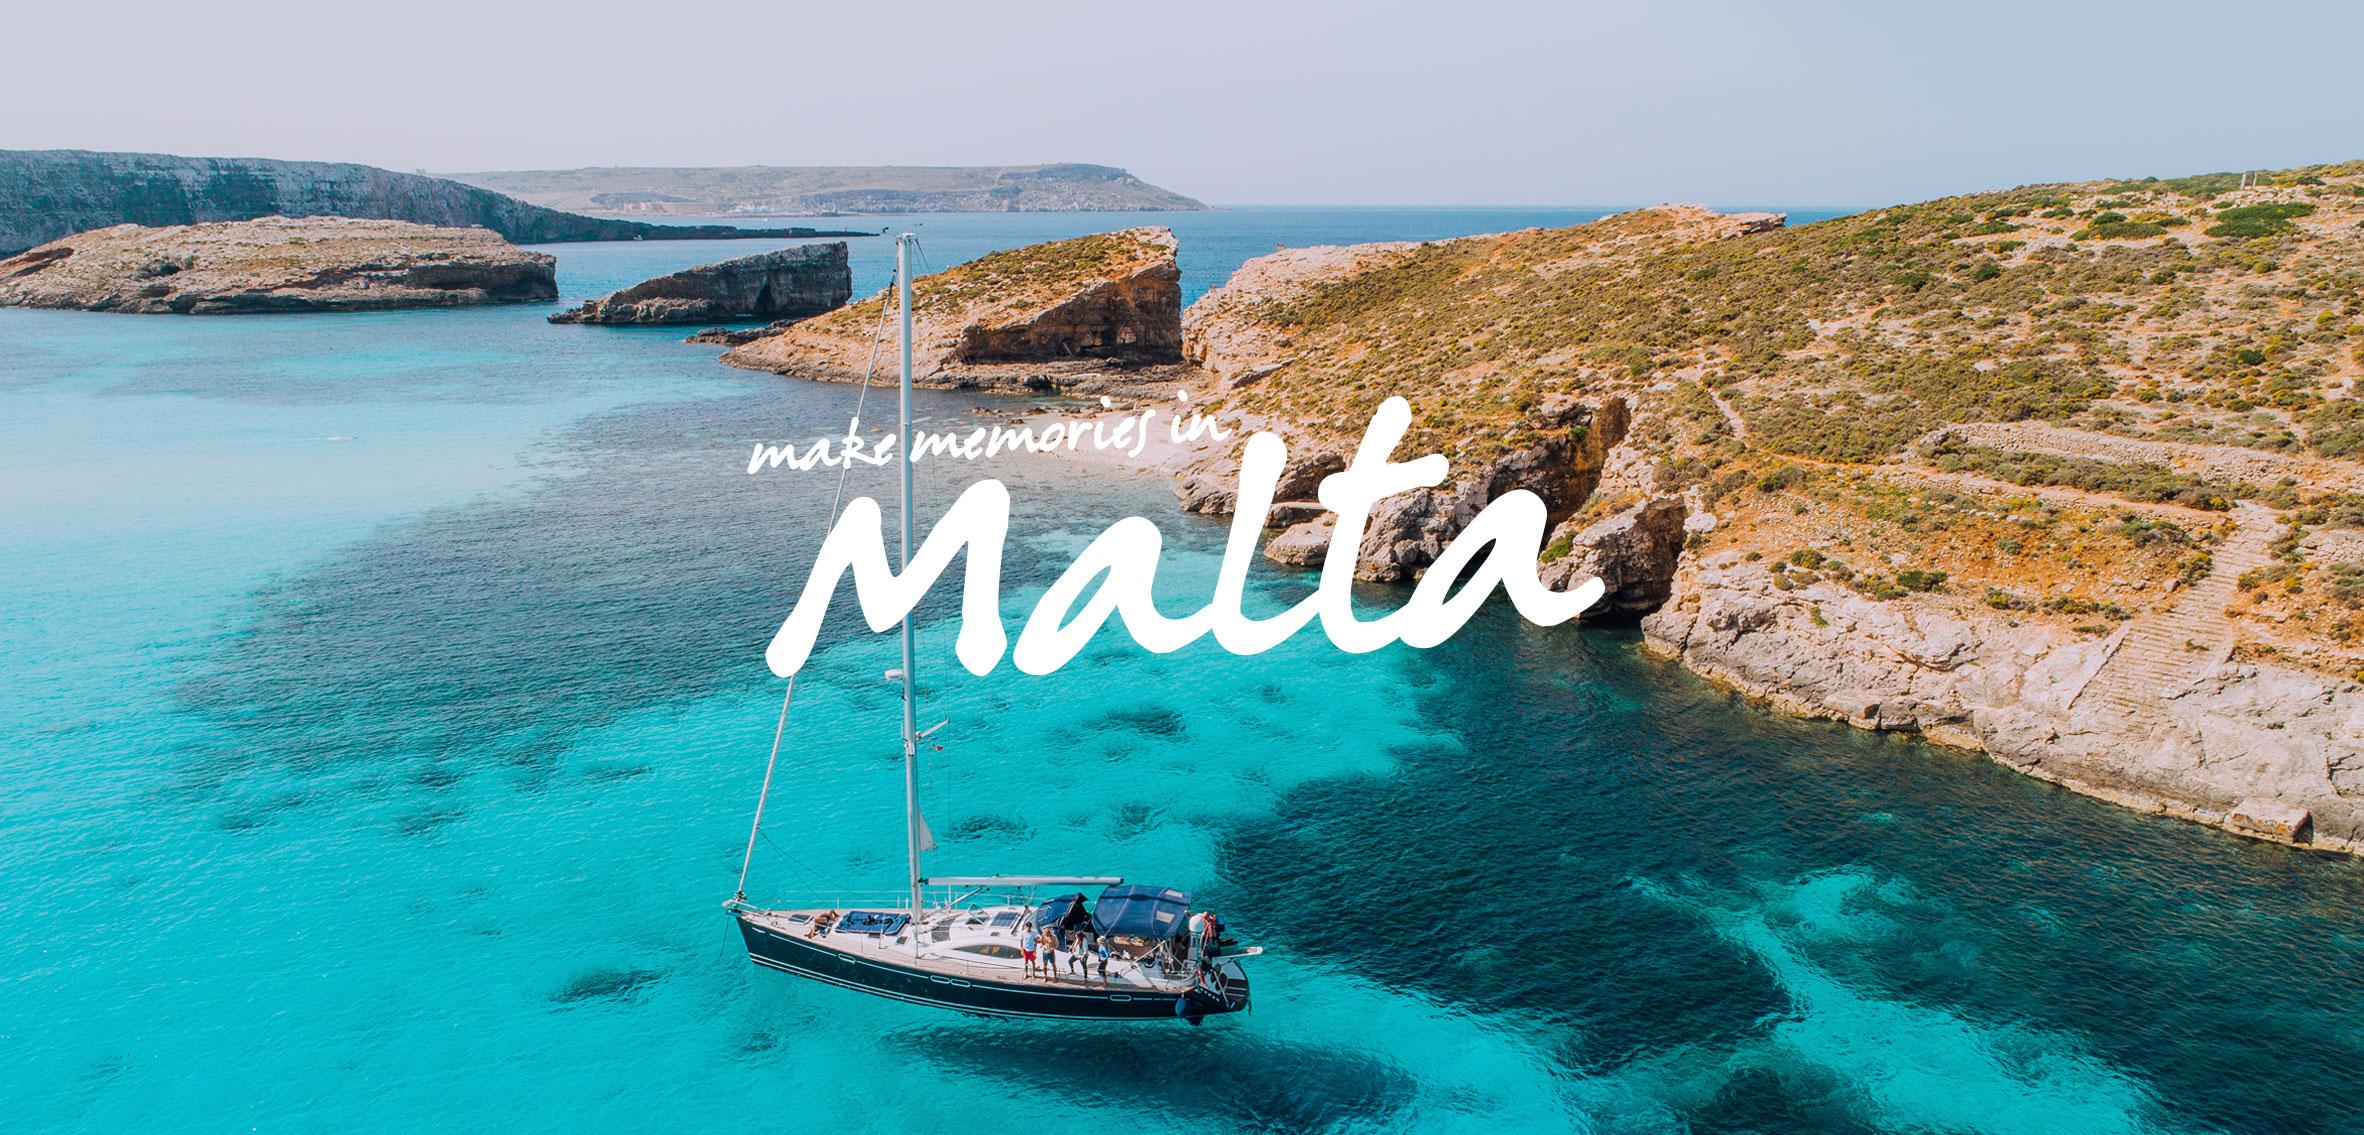 Chuyển phát nhanh đi Malta giá rẻ